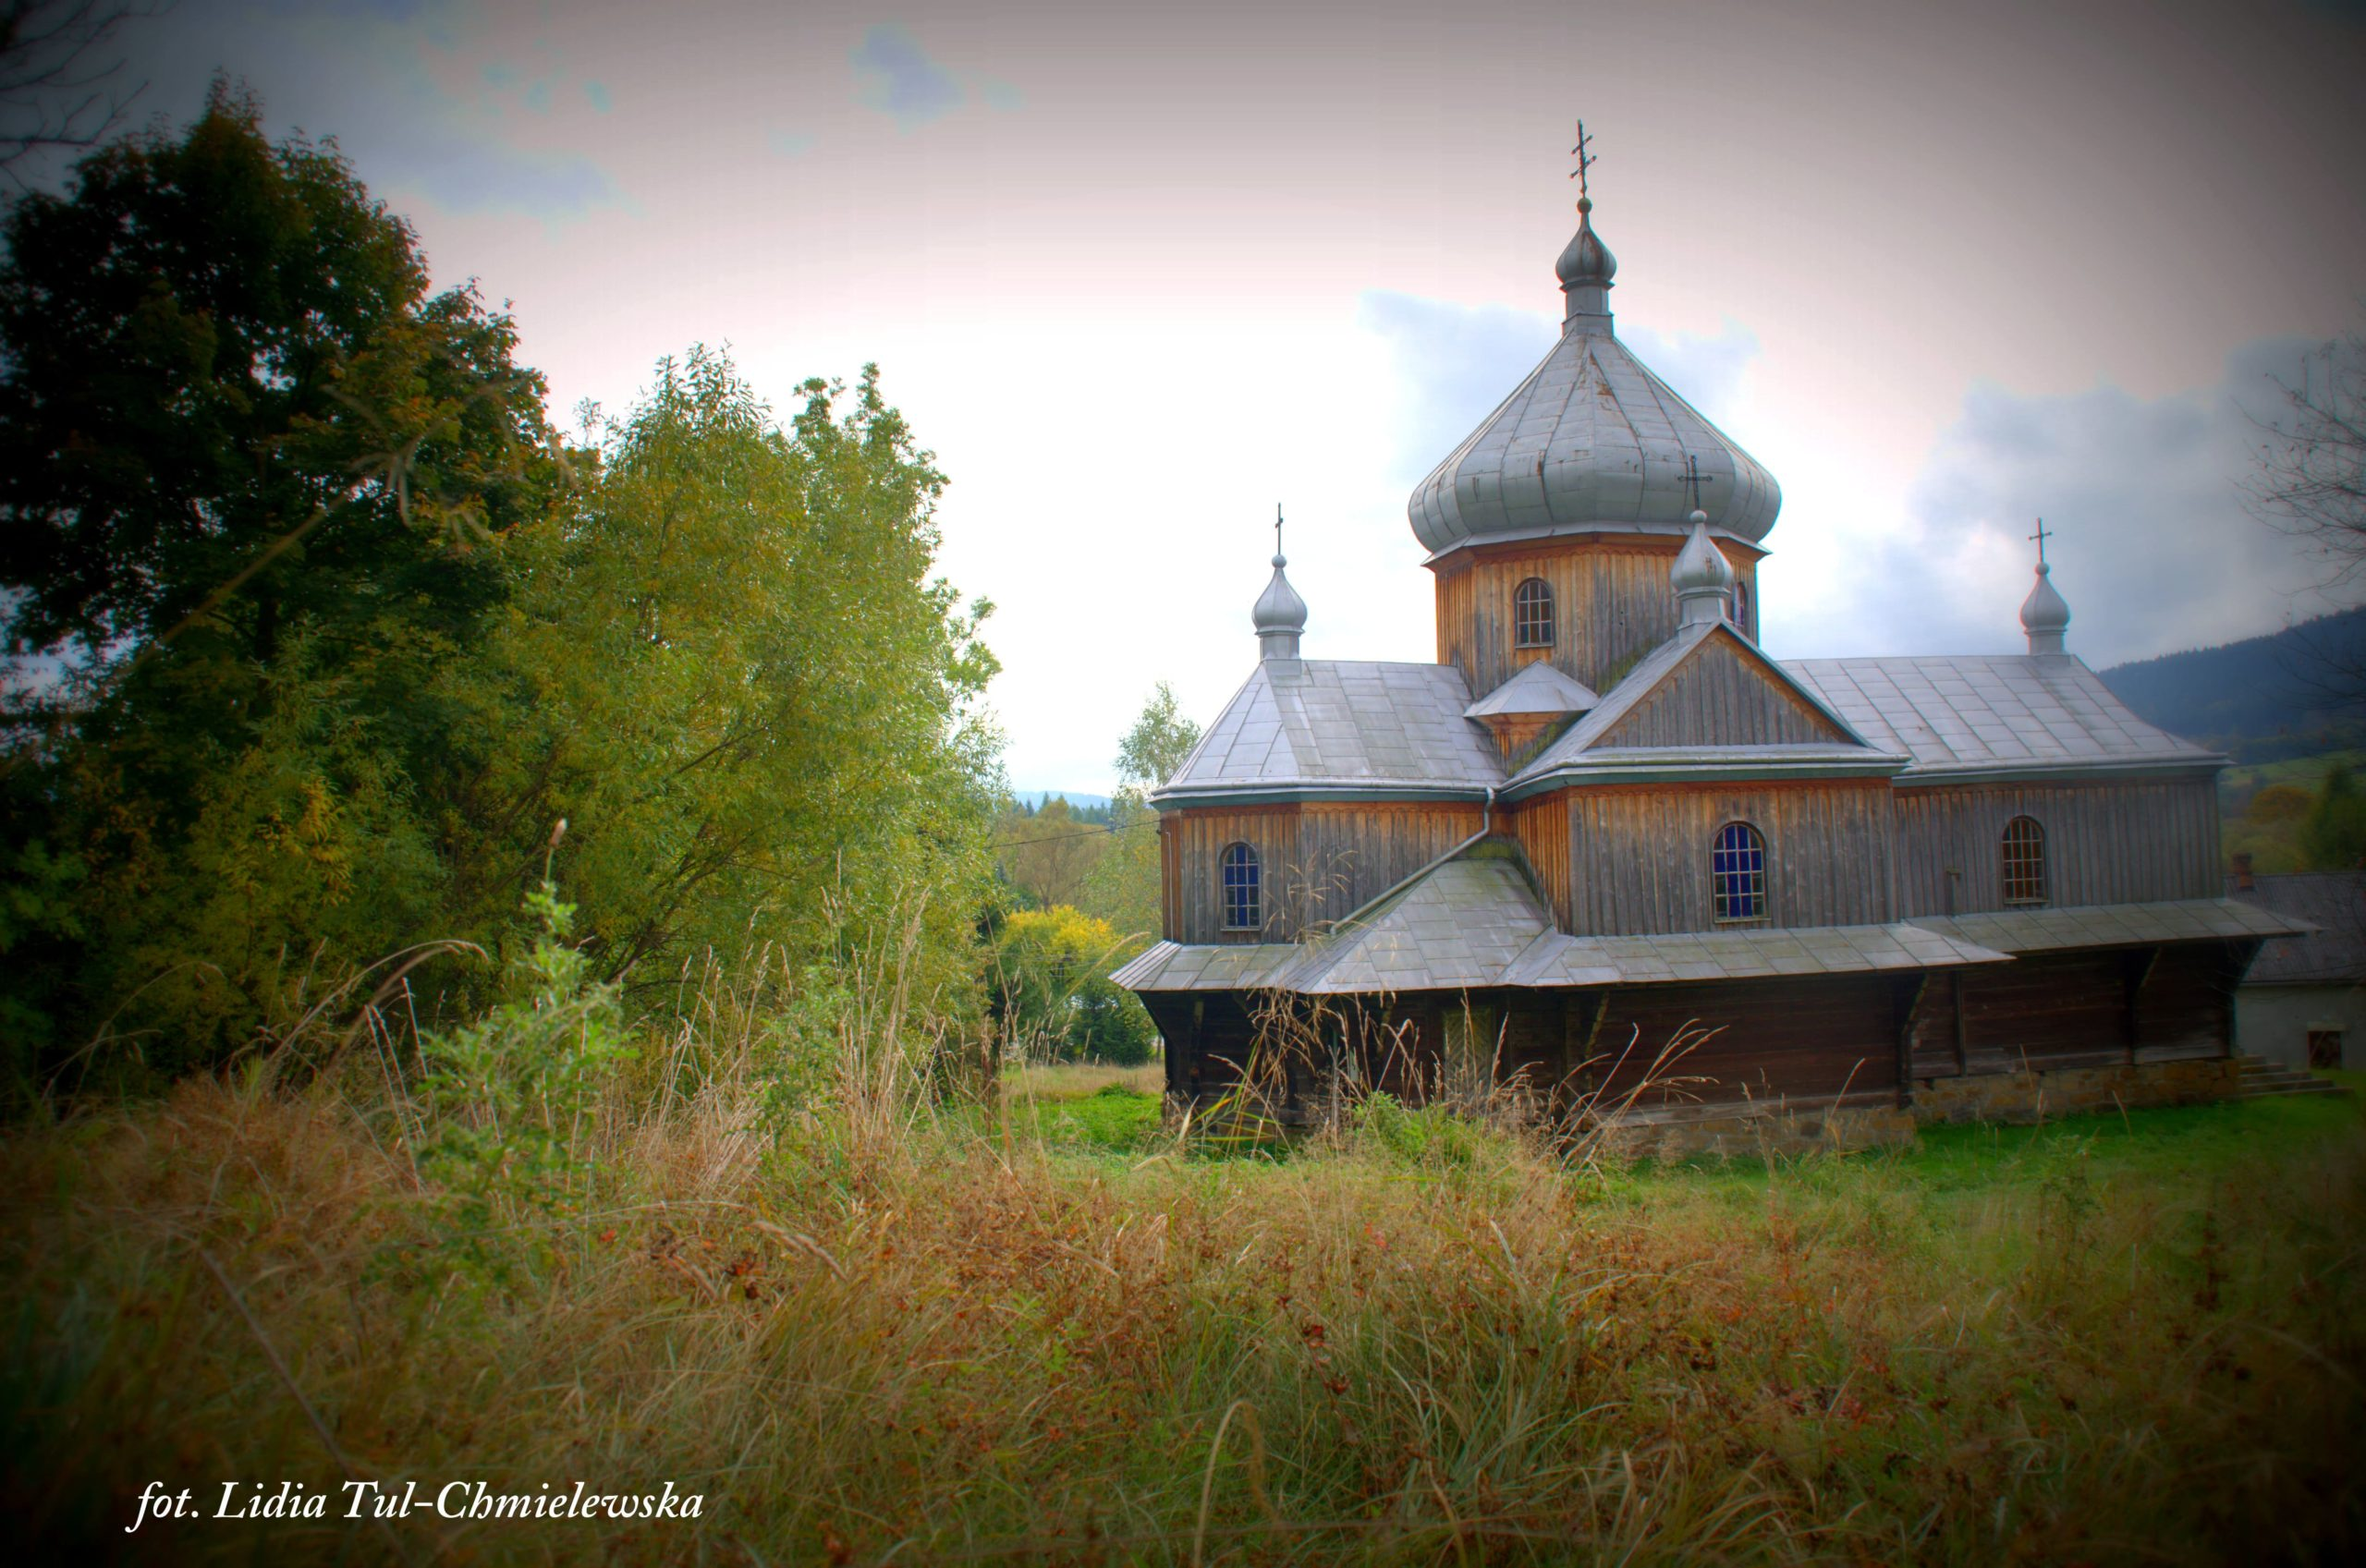 Daliowa, cerkiew / fot. Lidia Tul-Chmielewska